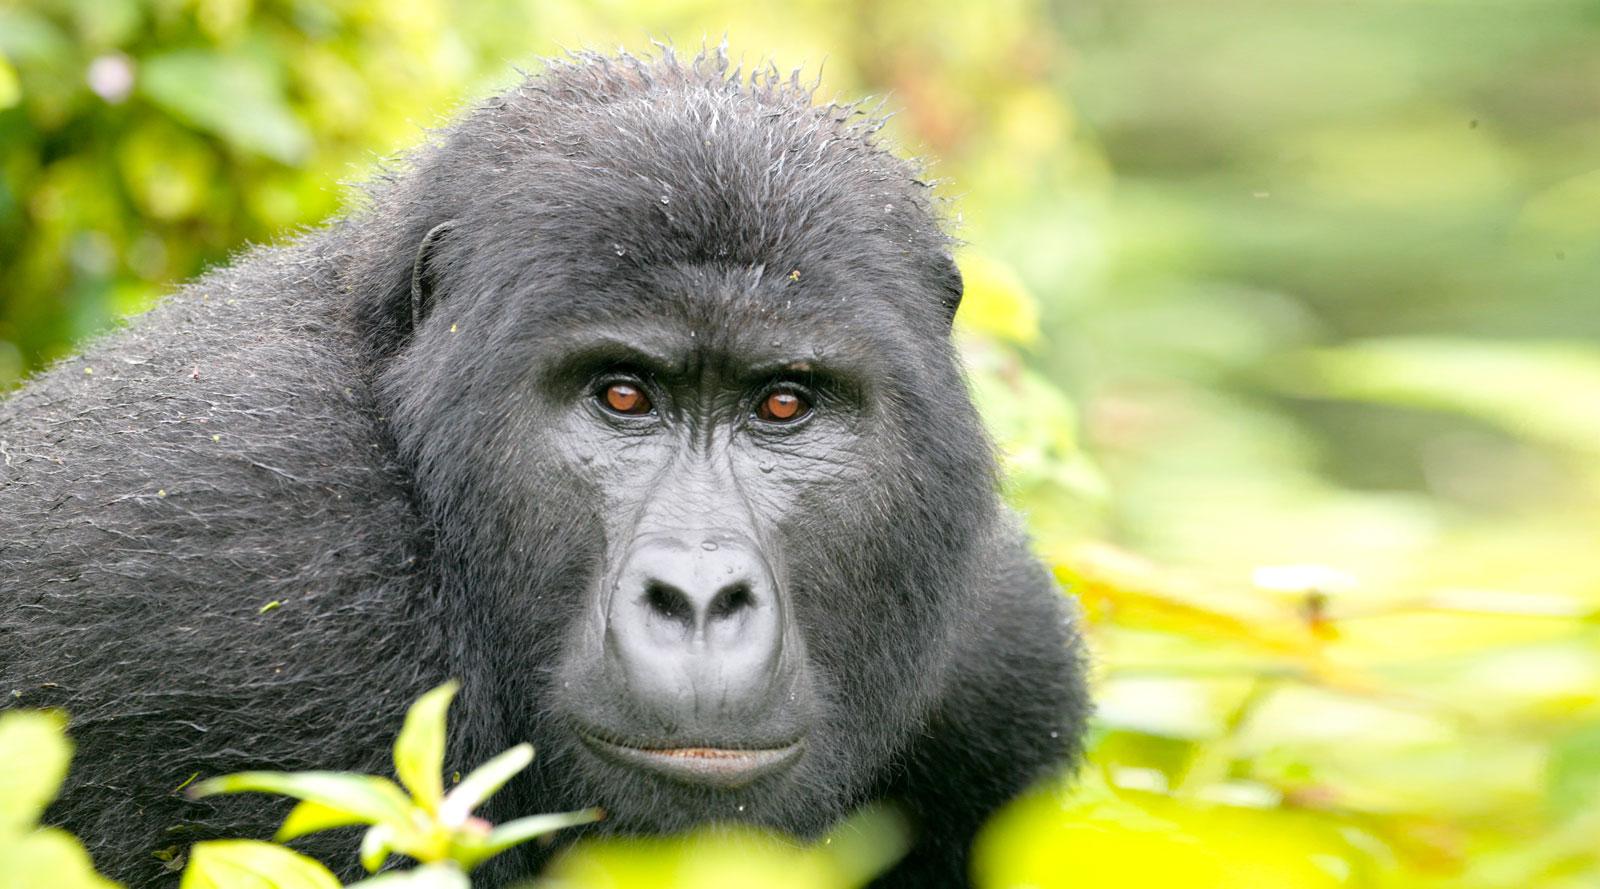 © Benedetta Mazzini | Uganda, Bwindi National Park